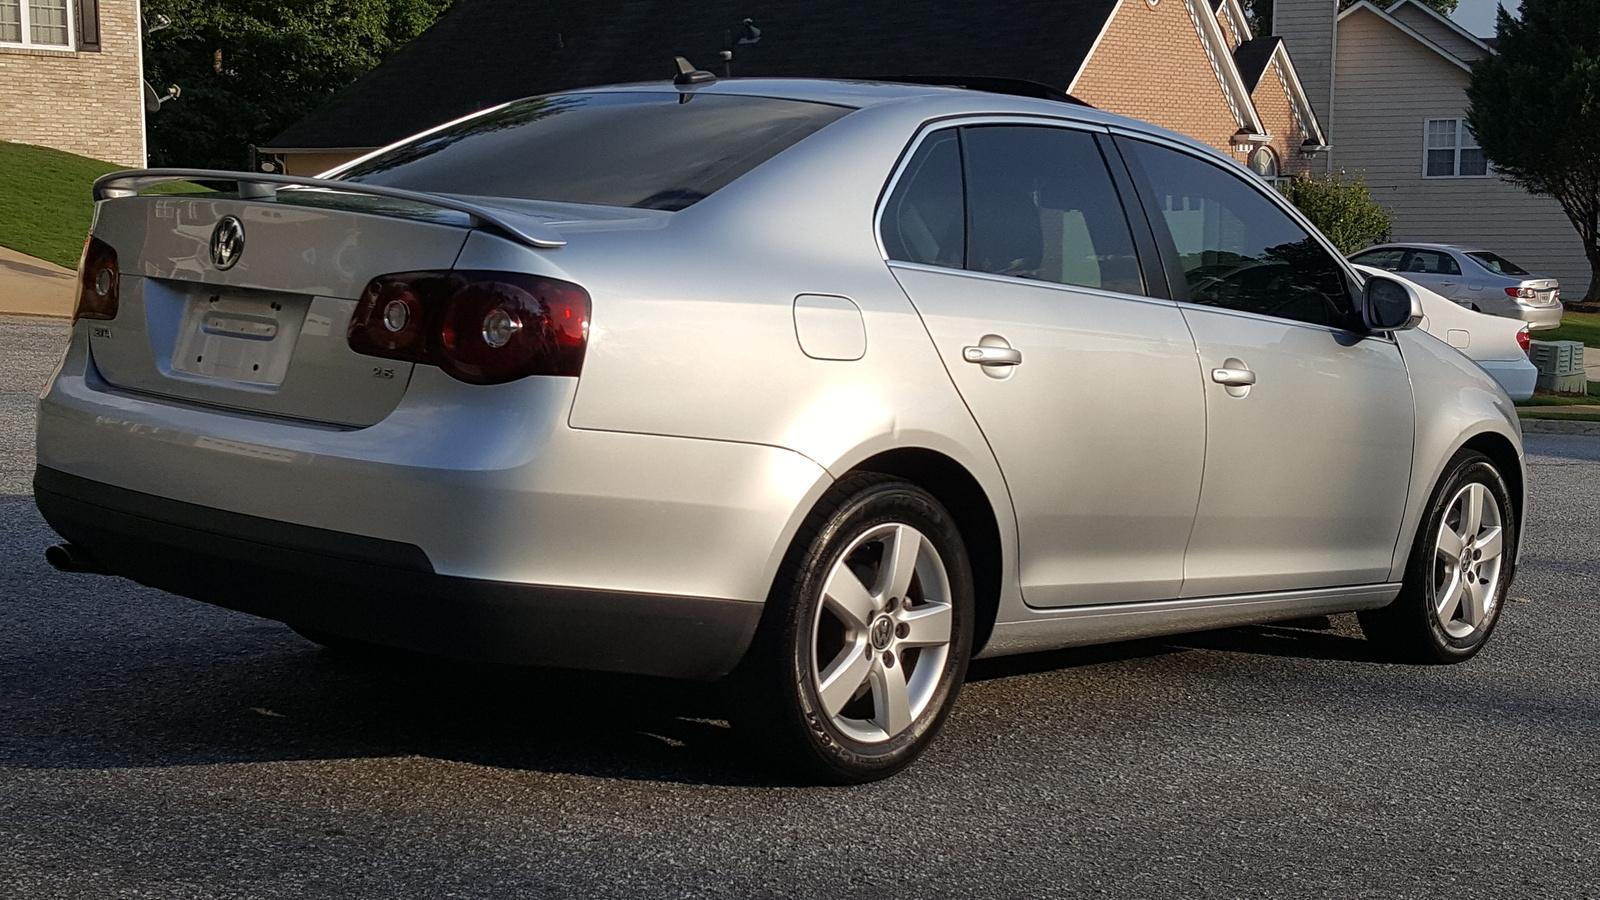 Picture of 2009 Volkswagen Jetta, exterior, gallery_worthy